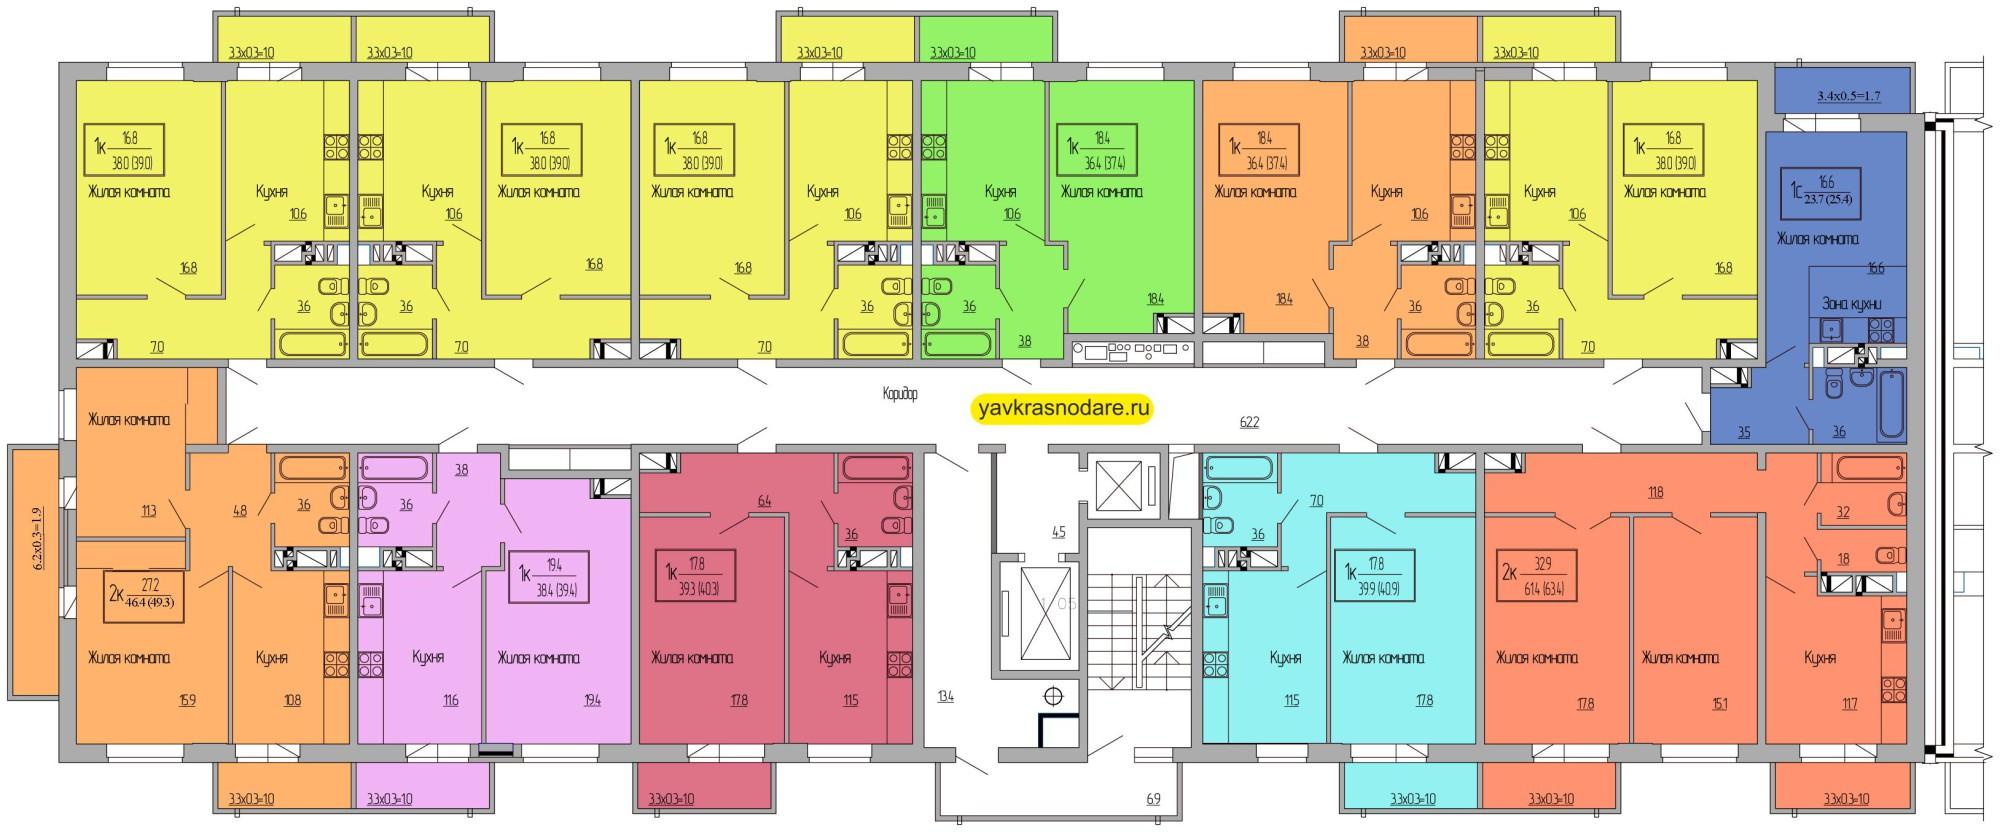 Атмосфера, 1 подъезд, 2-7 этажи